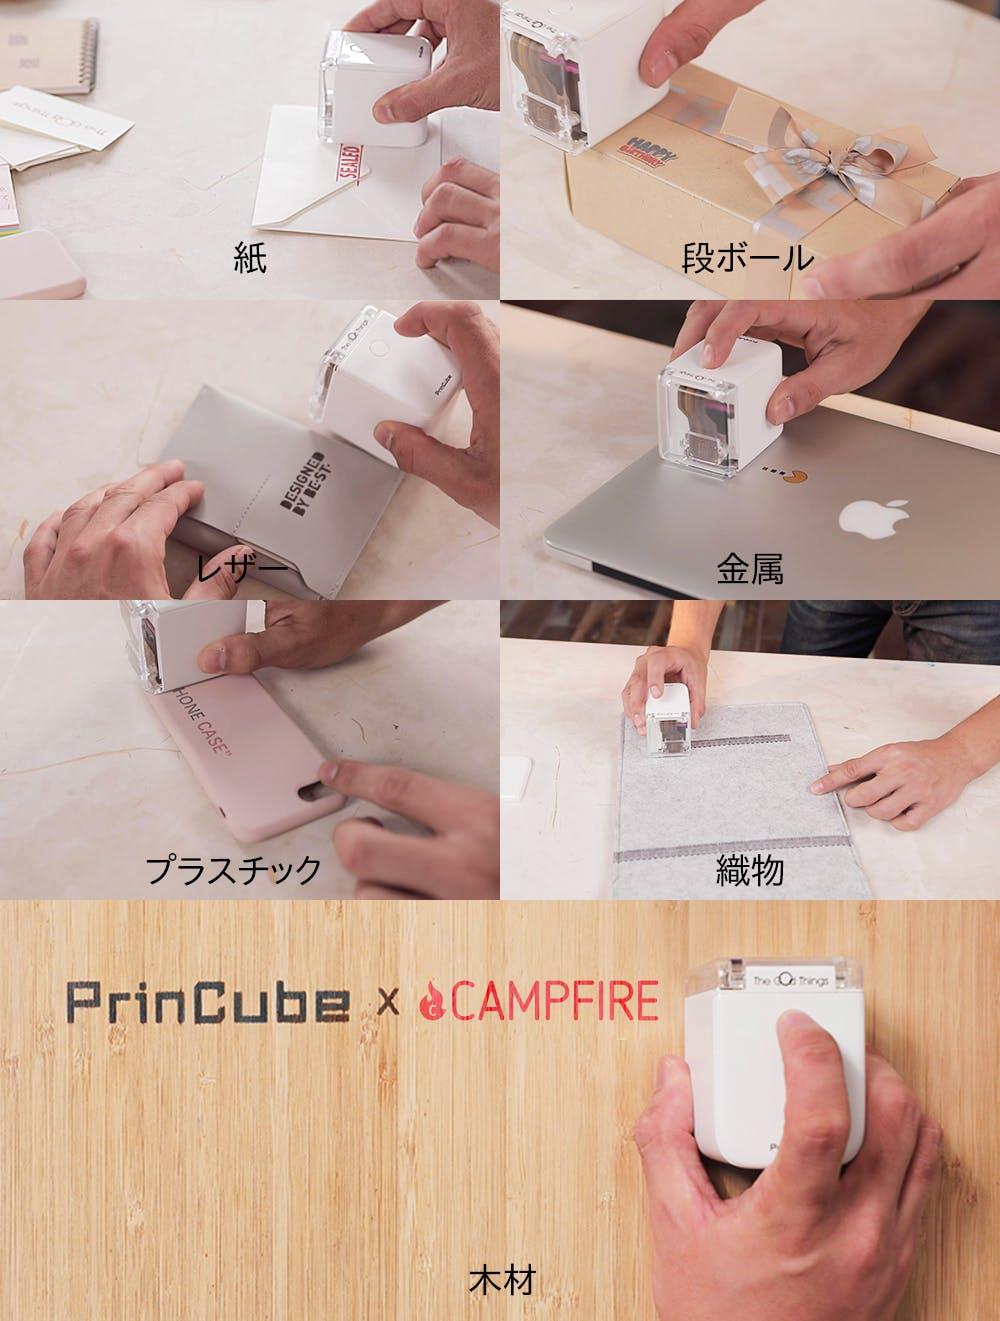 コンパクトなモバイルカラープリンター【PriinCube】印刷できるもの